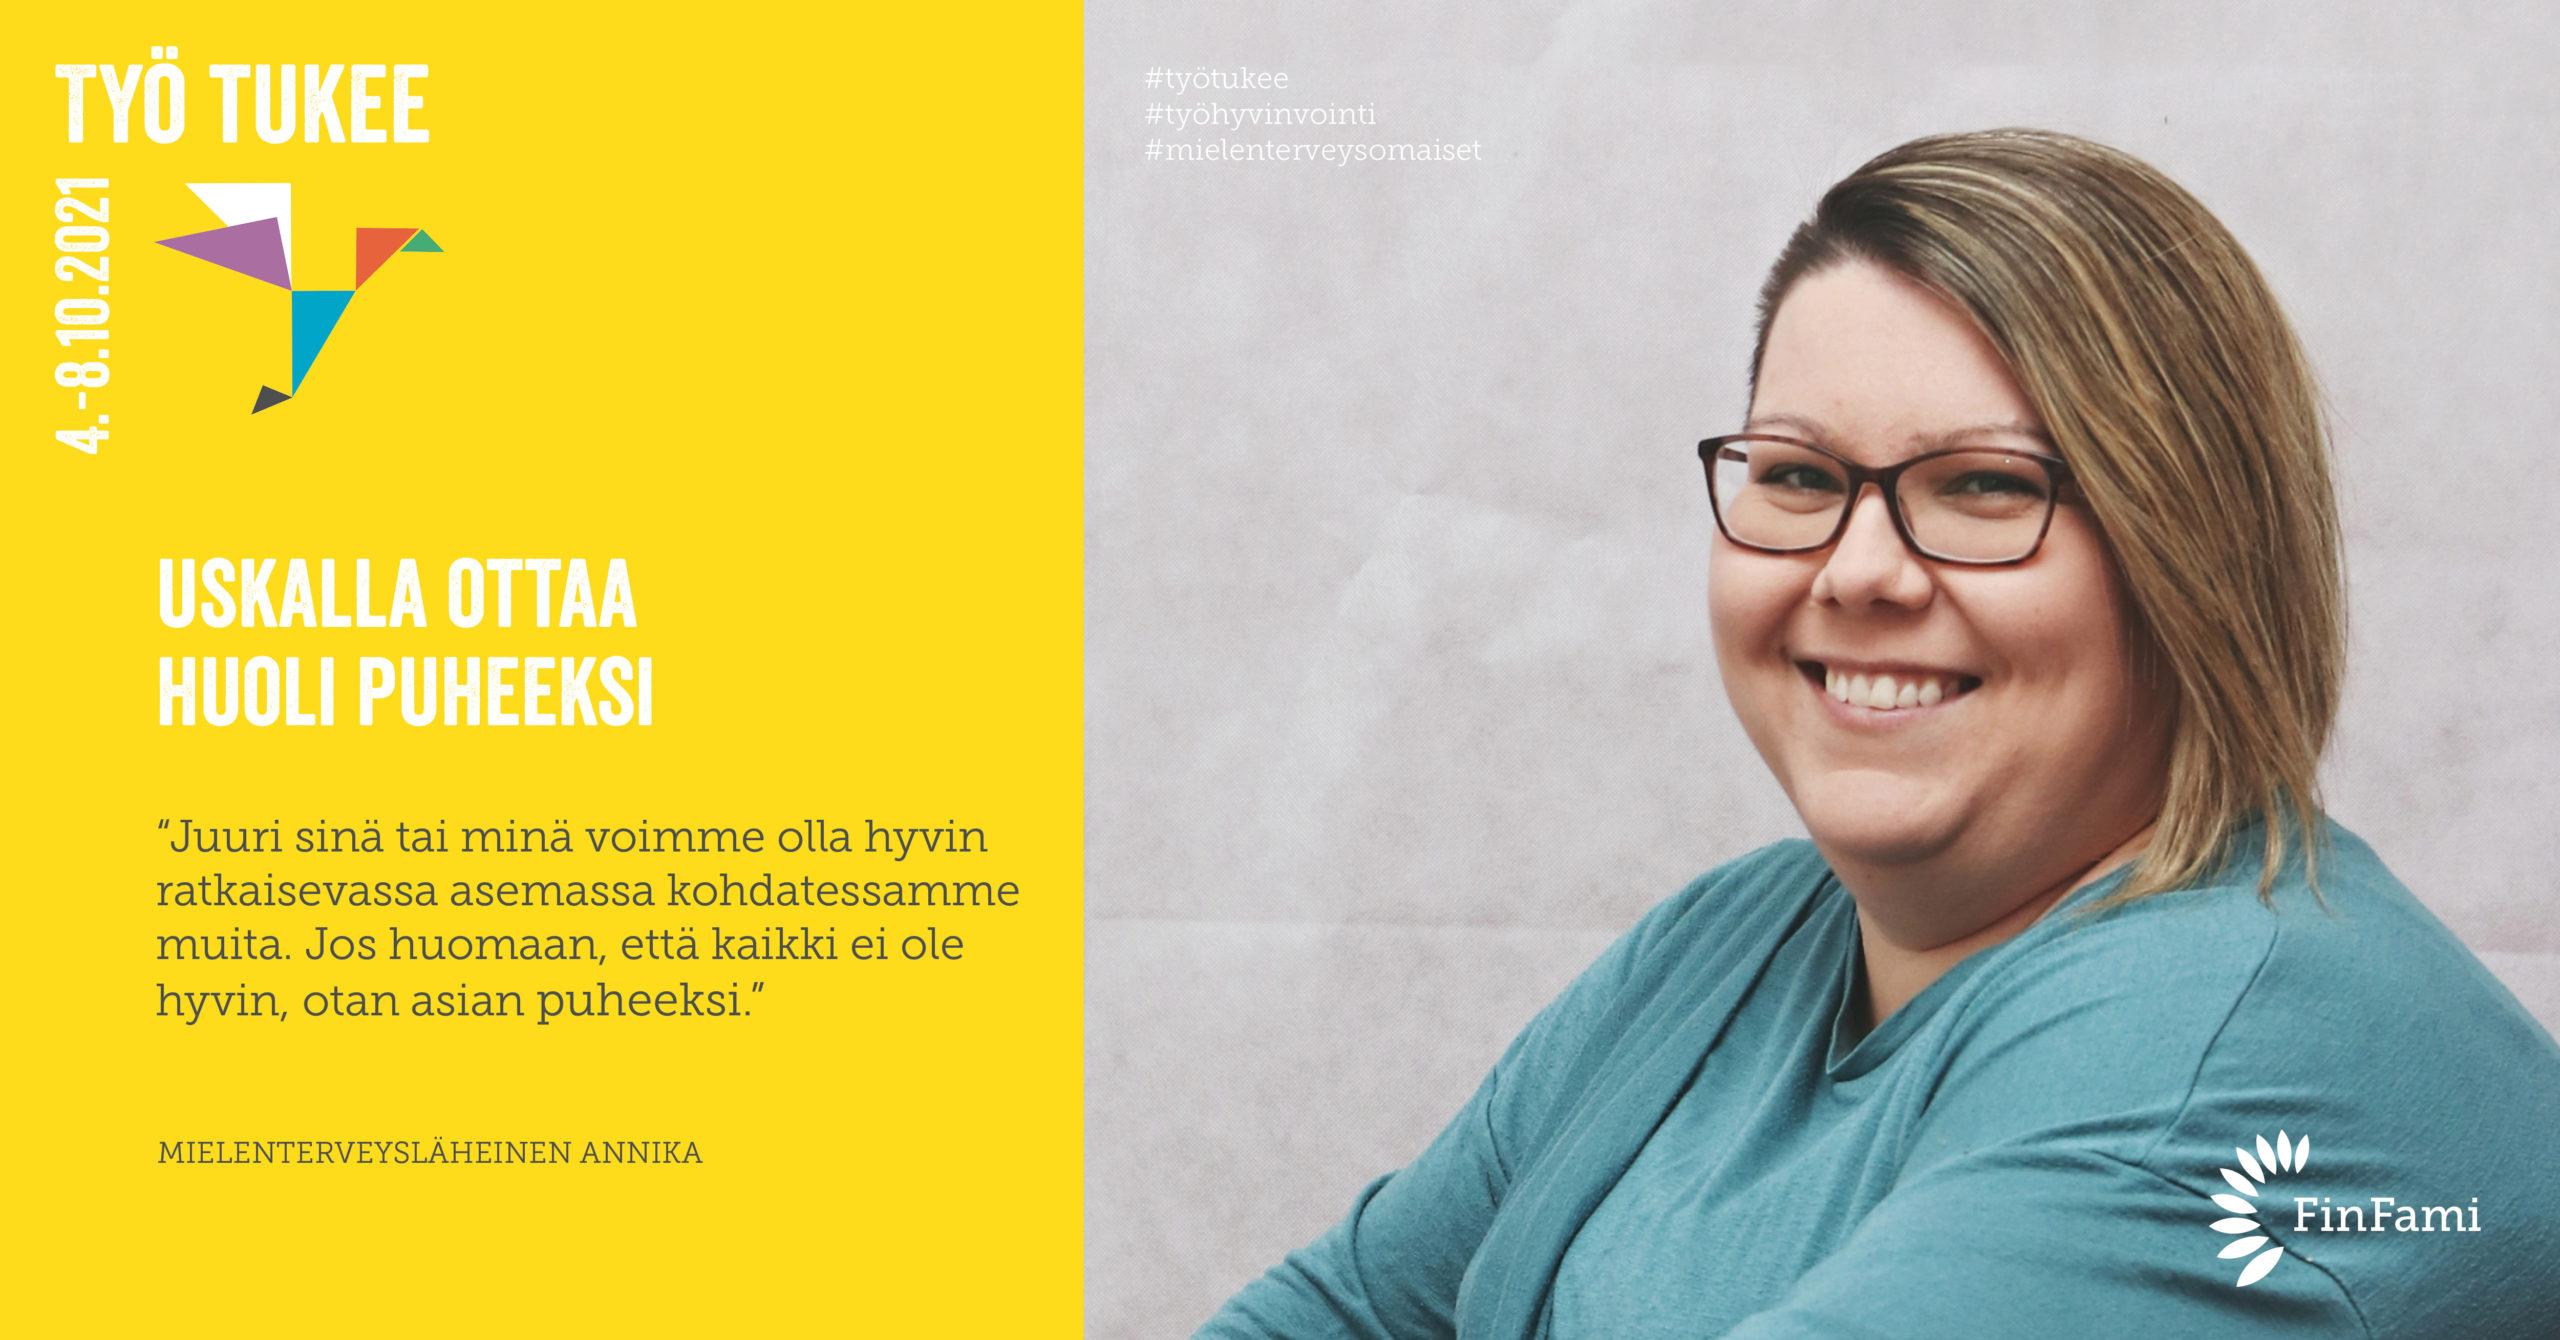 FinFamin Työ tukee -kampanjakuva Huoli puheeksi